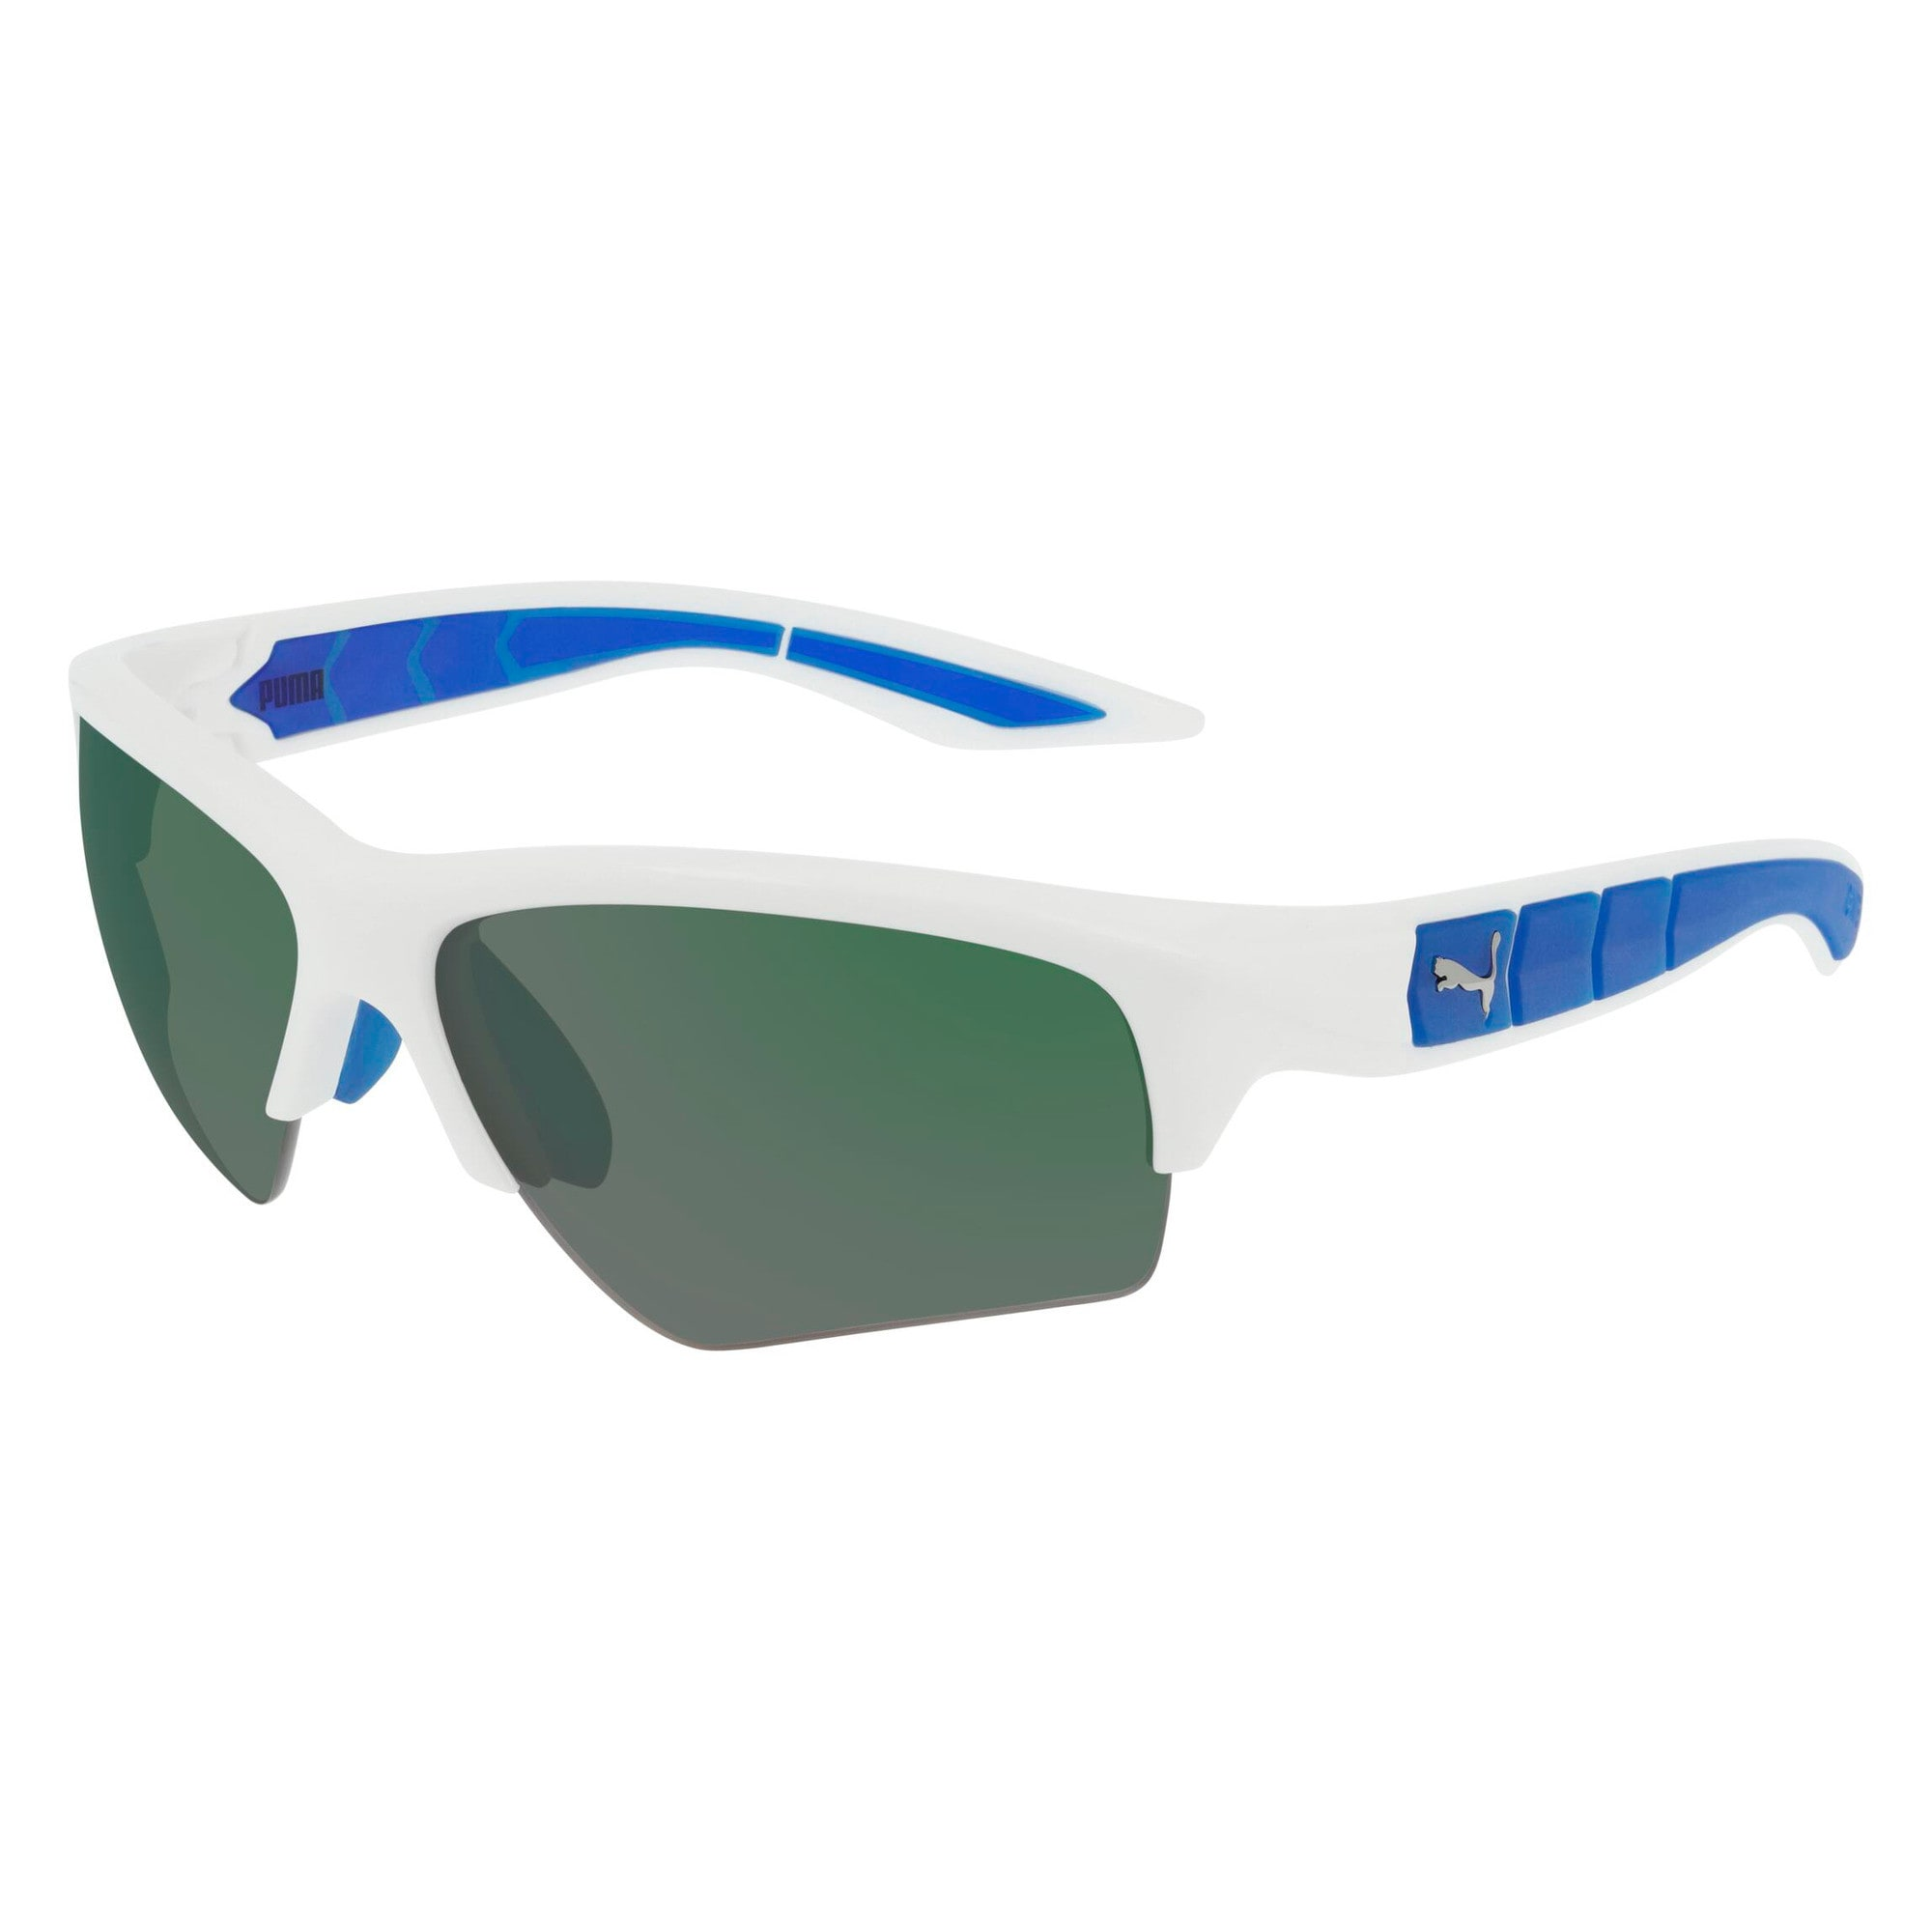 Miniatura 1 de Gafas de sol Wake con diseño deportivo, BLANCO-BLANCO-VERDE, mediano